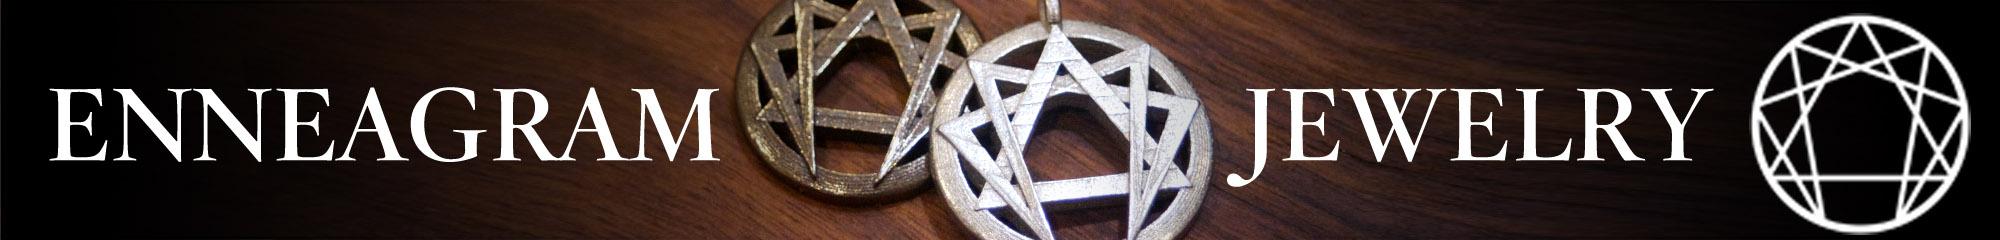 Enneagram Jewelry